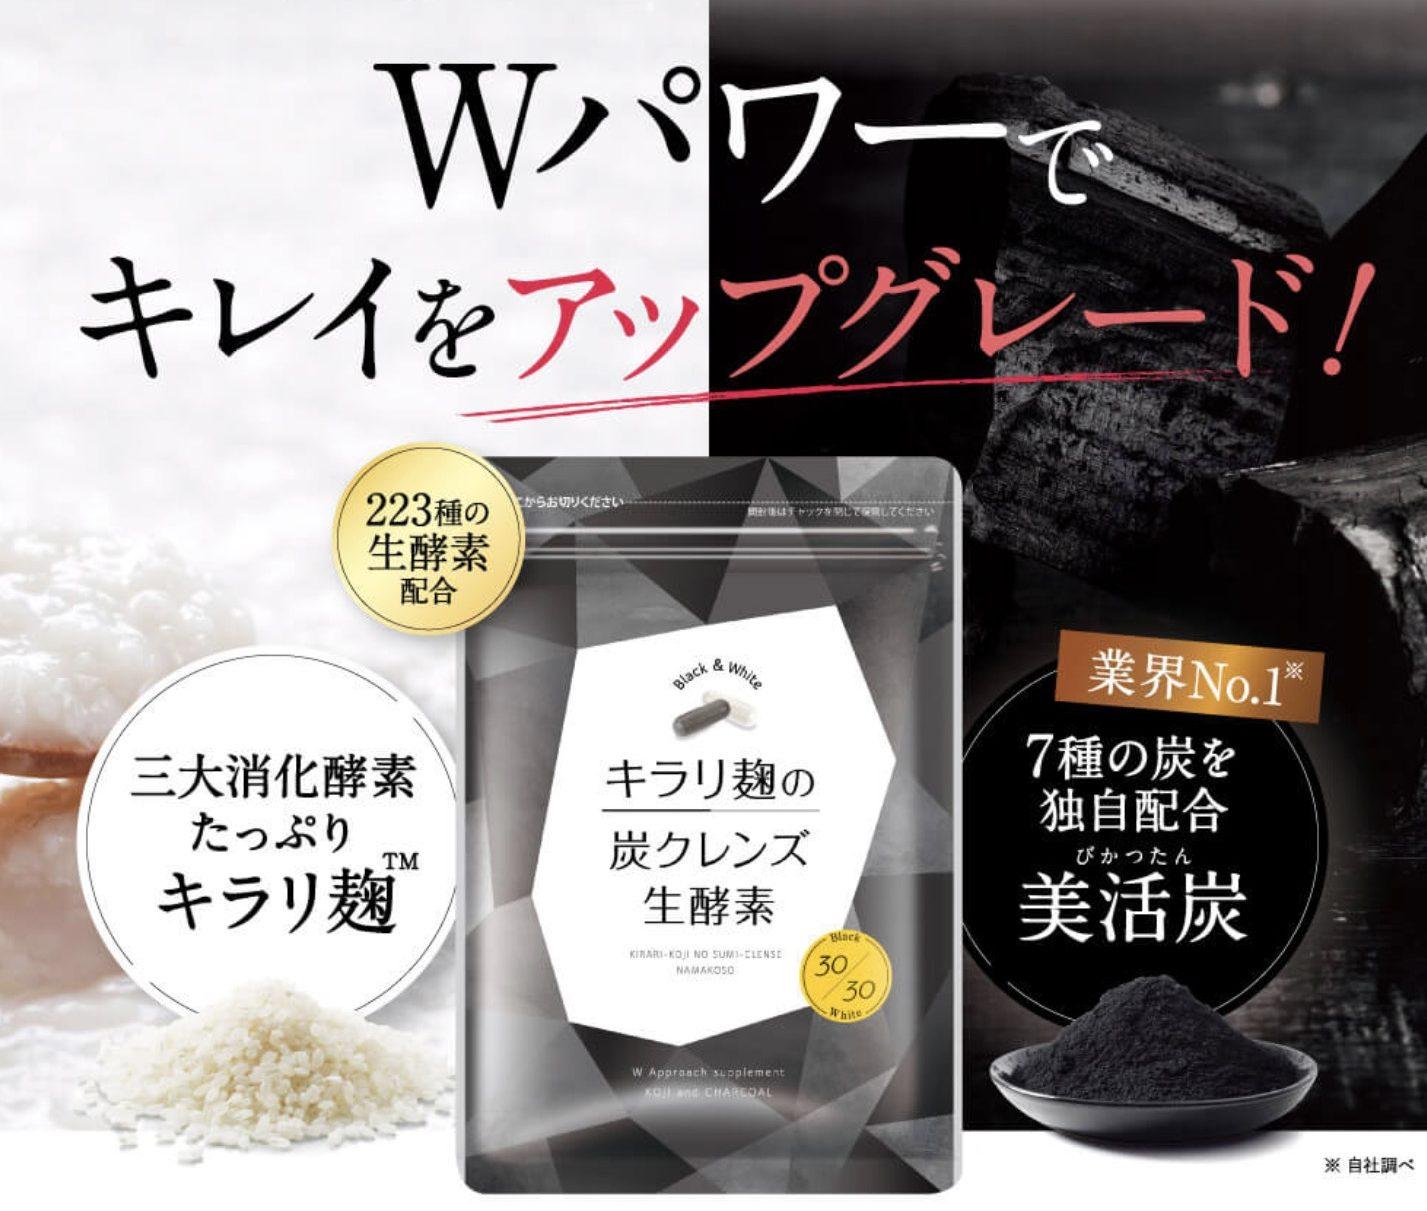 酵素 の 口コミ クレンズ キラリ 炭 アット 生 コスメ 麹